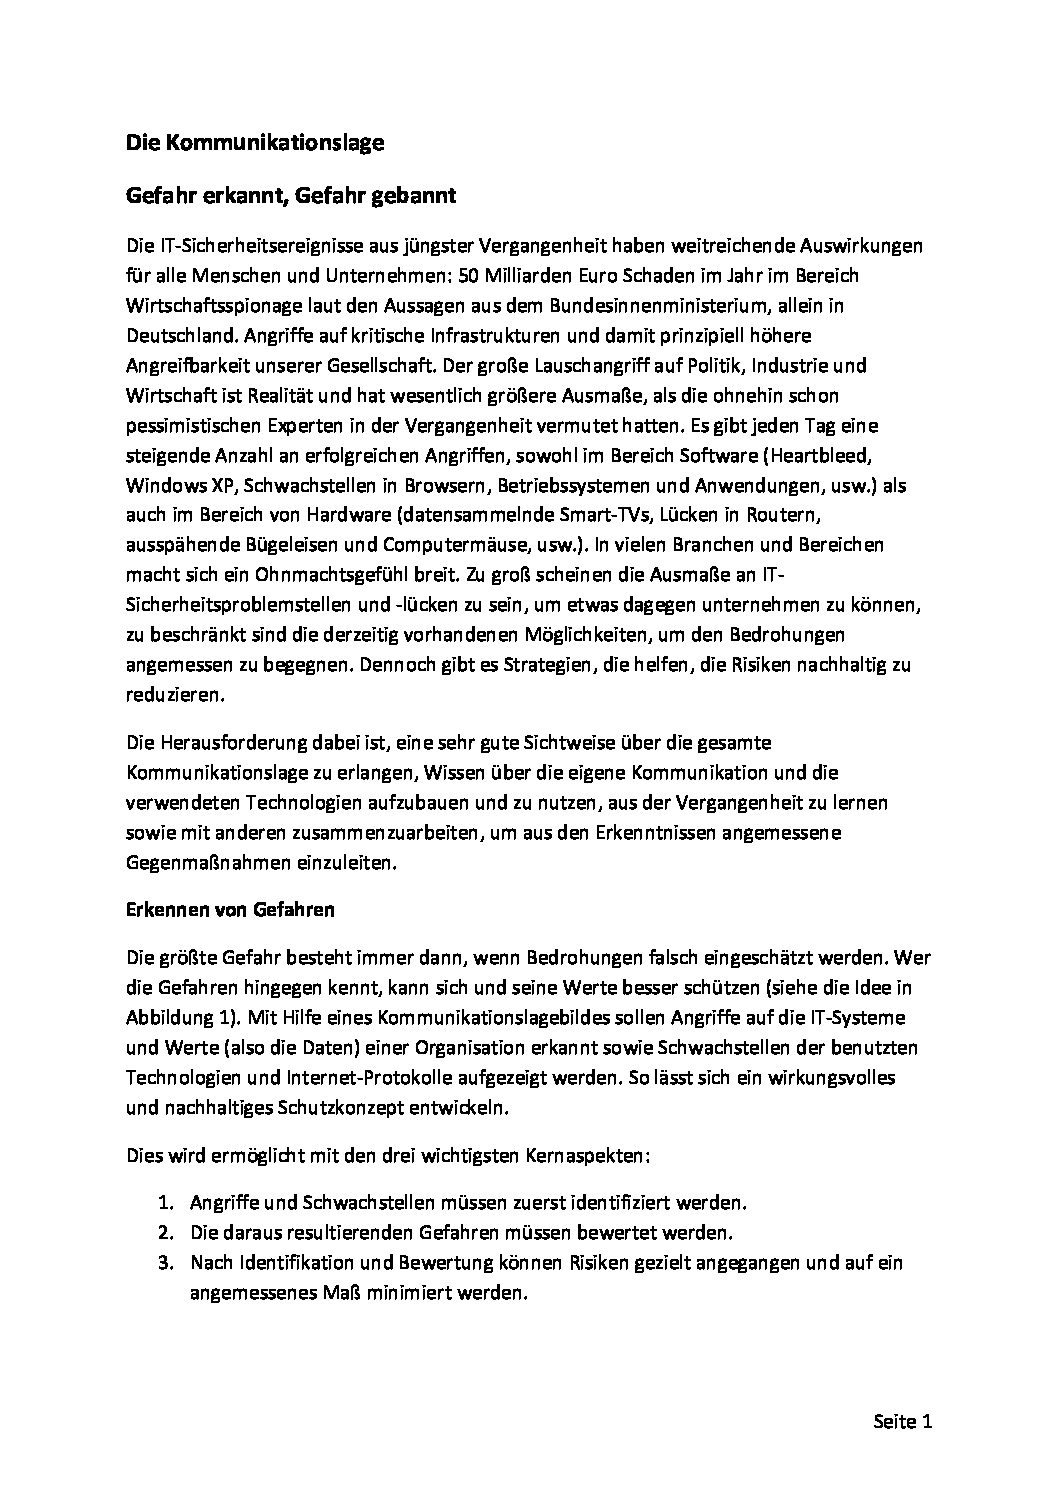 333-Die-Kommunikationslage-Prof.-Norbert-Pohlmann-pdf